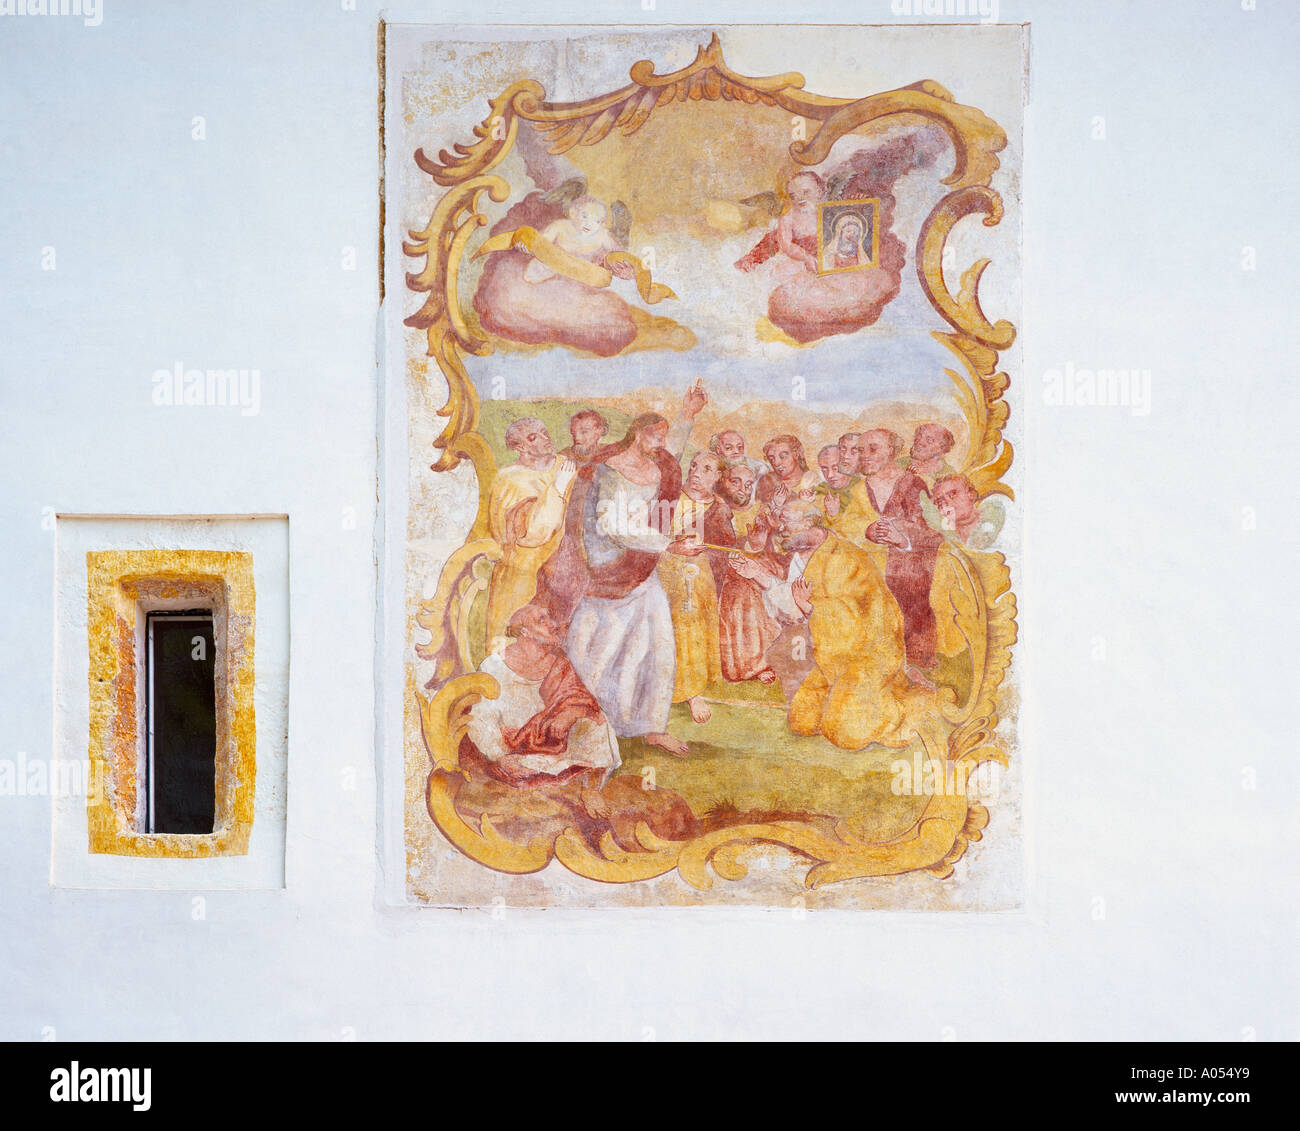 Peinture Murale Religieuse Sur Mur Extérieur à Radovljica